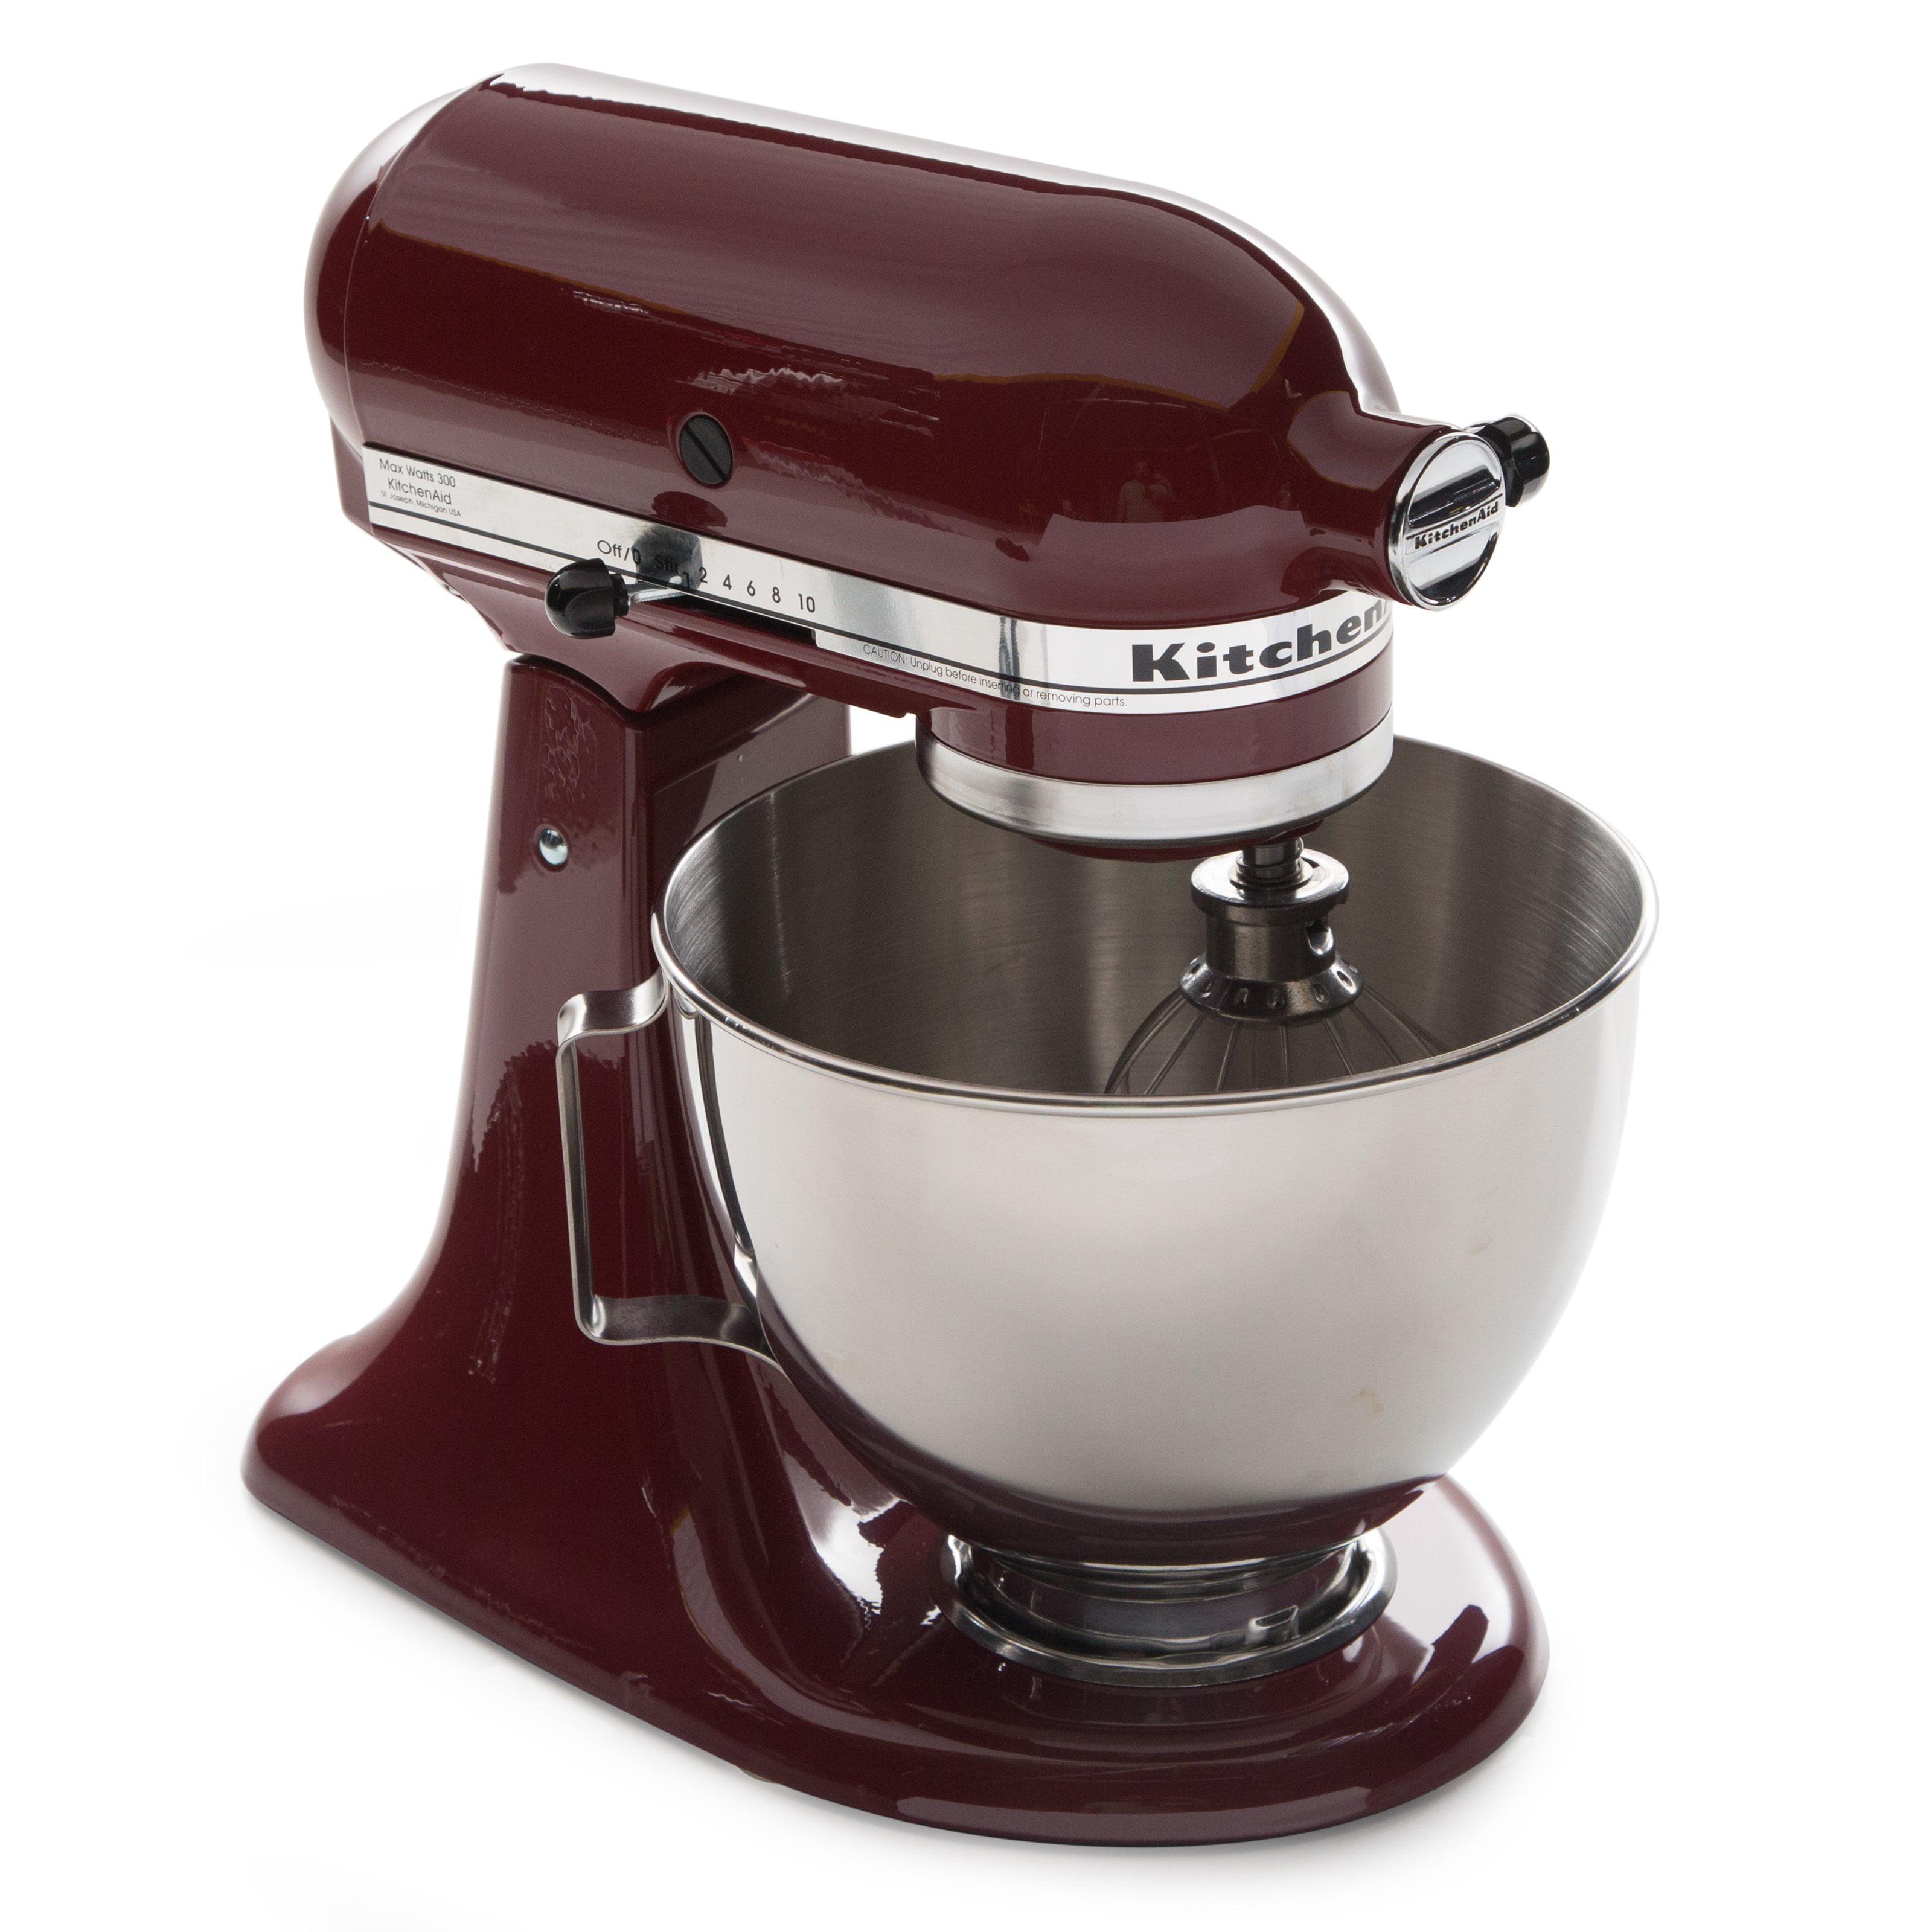 Kitchenaid Kitc161 1 4 5 Qt Tilt Head Stand Mixer Gloss Cinnamon